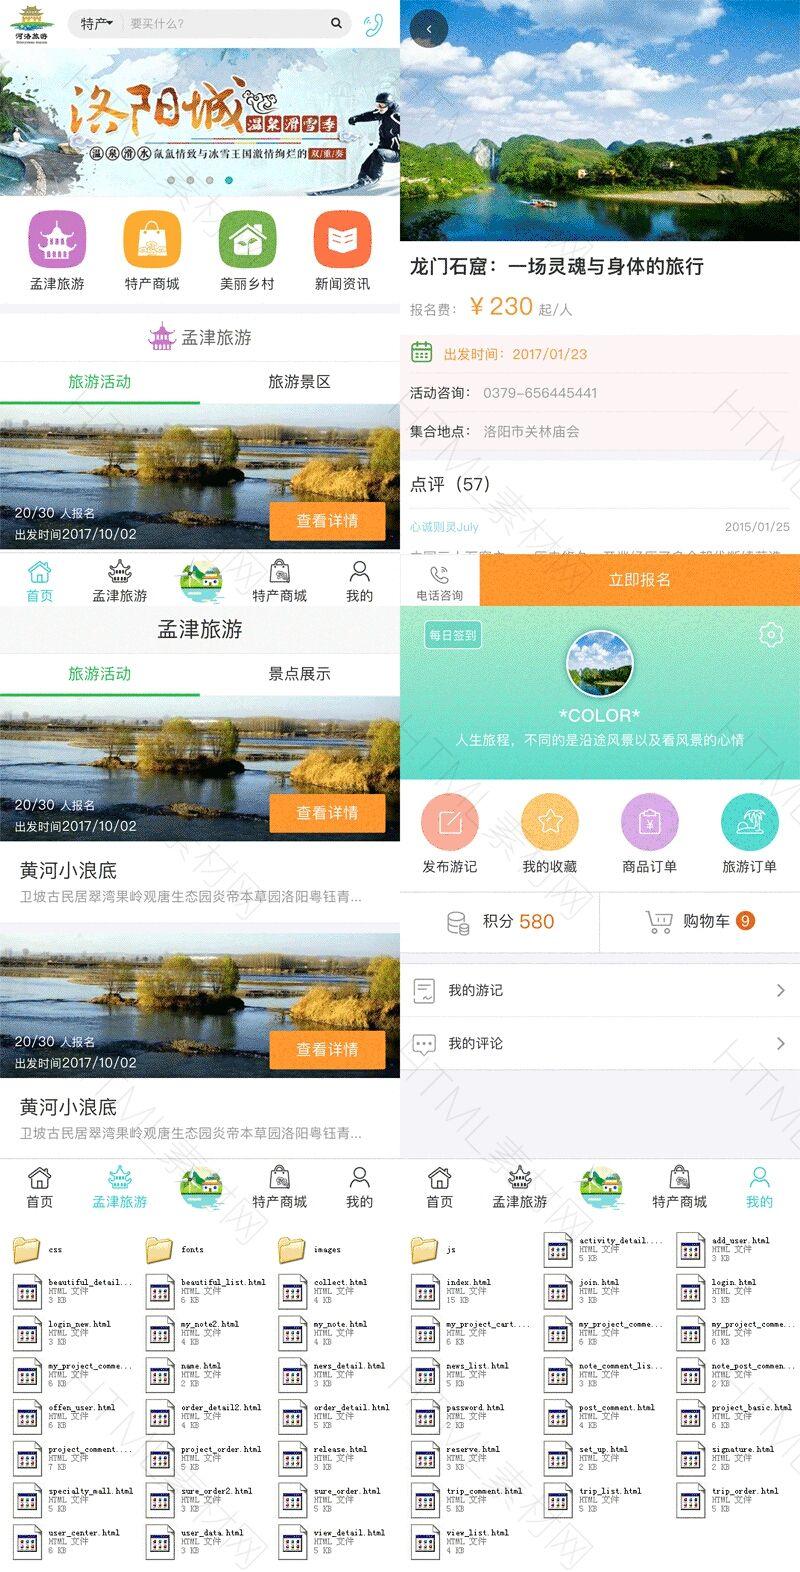 大气的旅游平台手机app商城模板源码.jpg